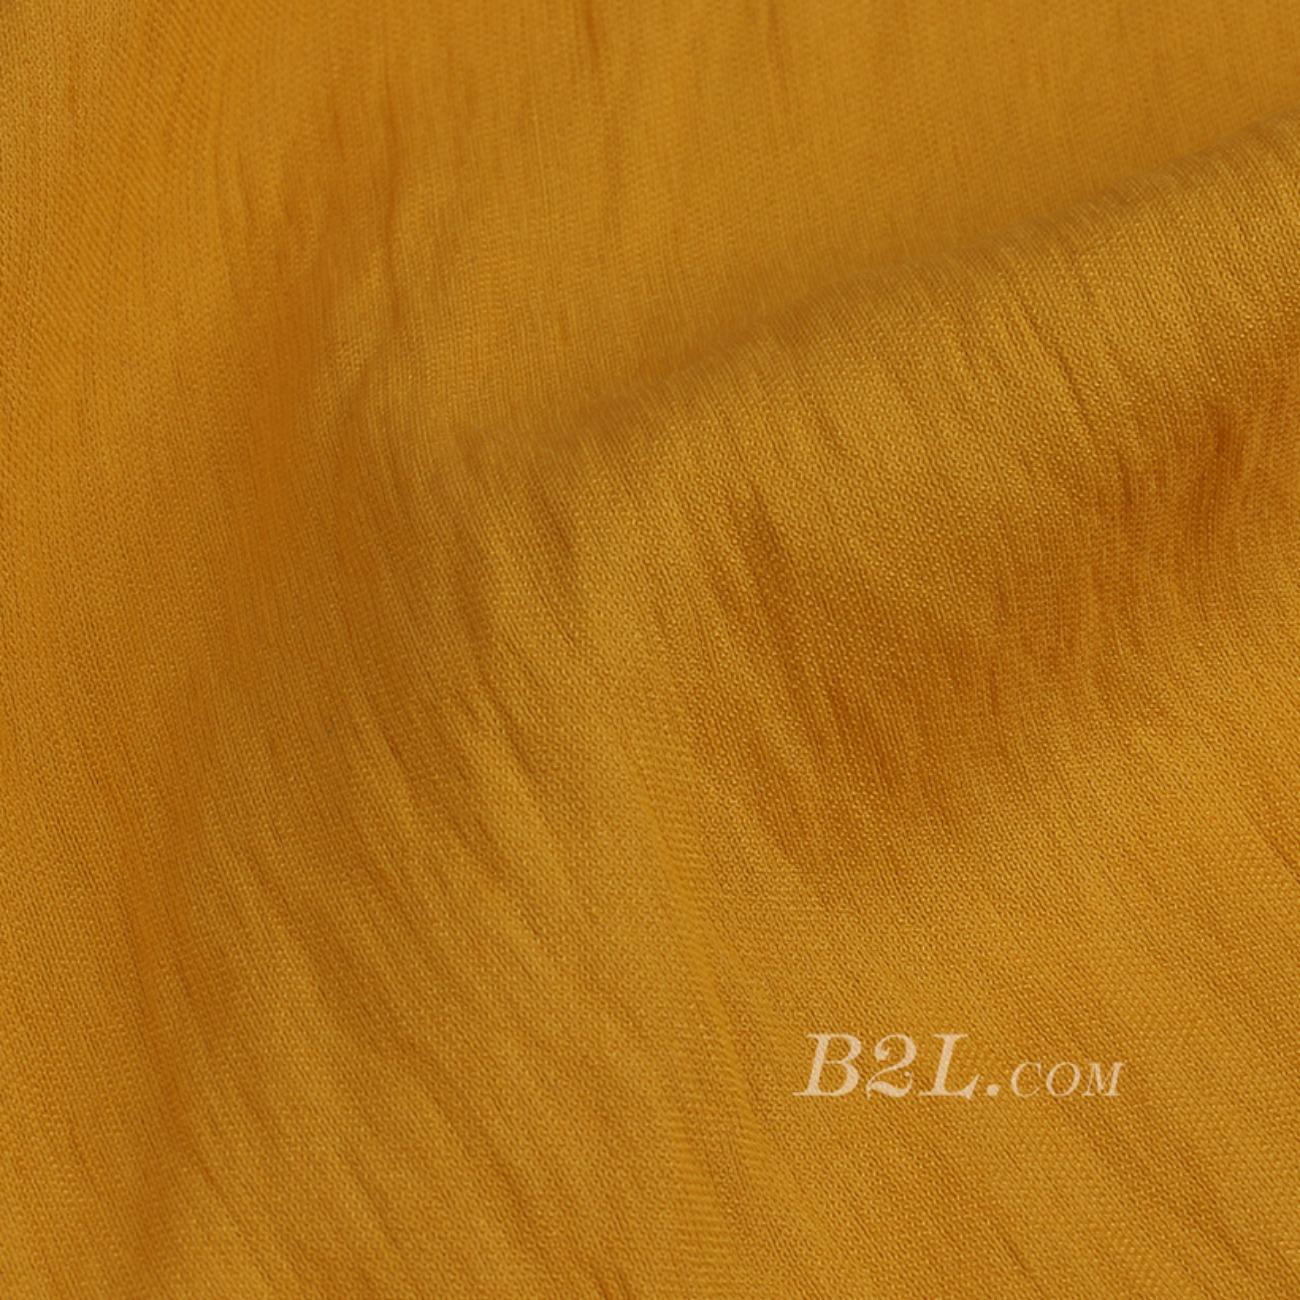 麻料 平纹梭织染色连衣裙 短裙 衬衫 无弹 春 秋 柔软 麻感 70703-6